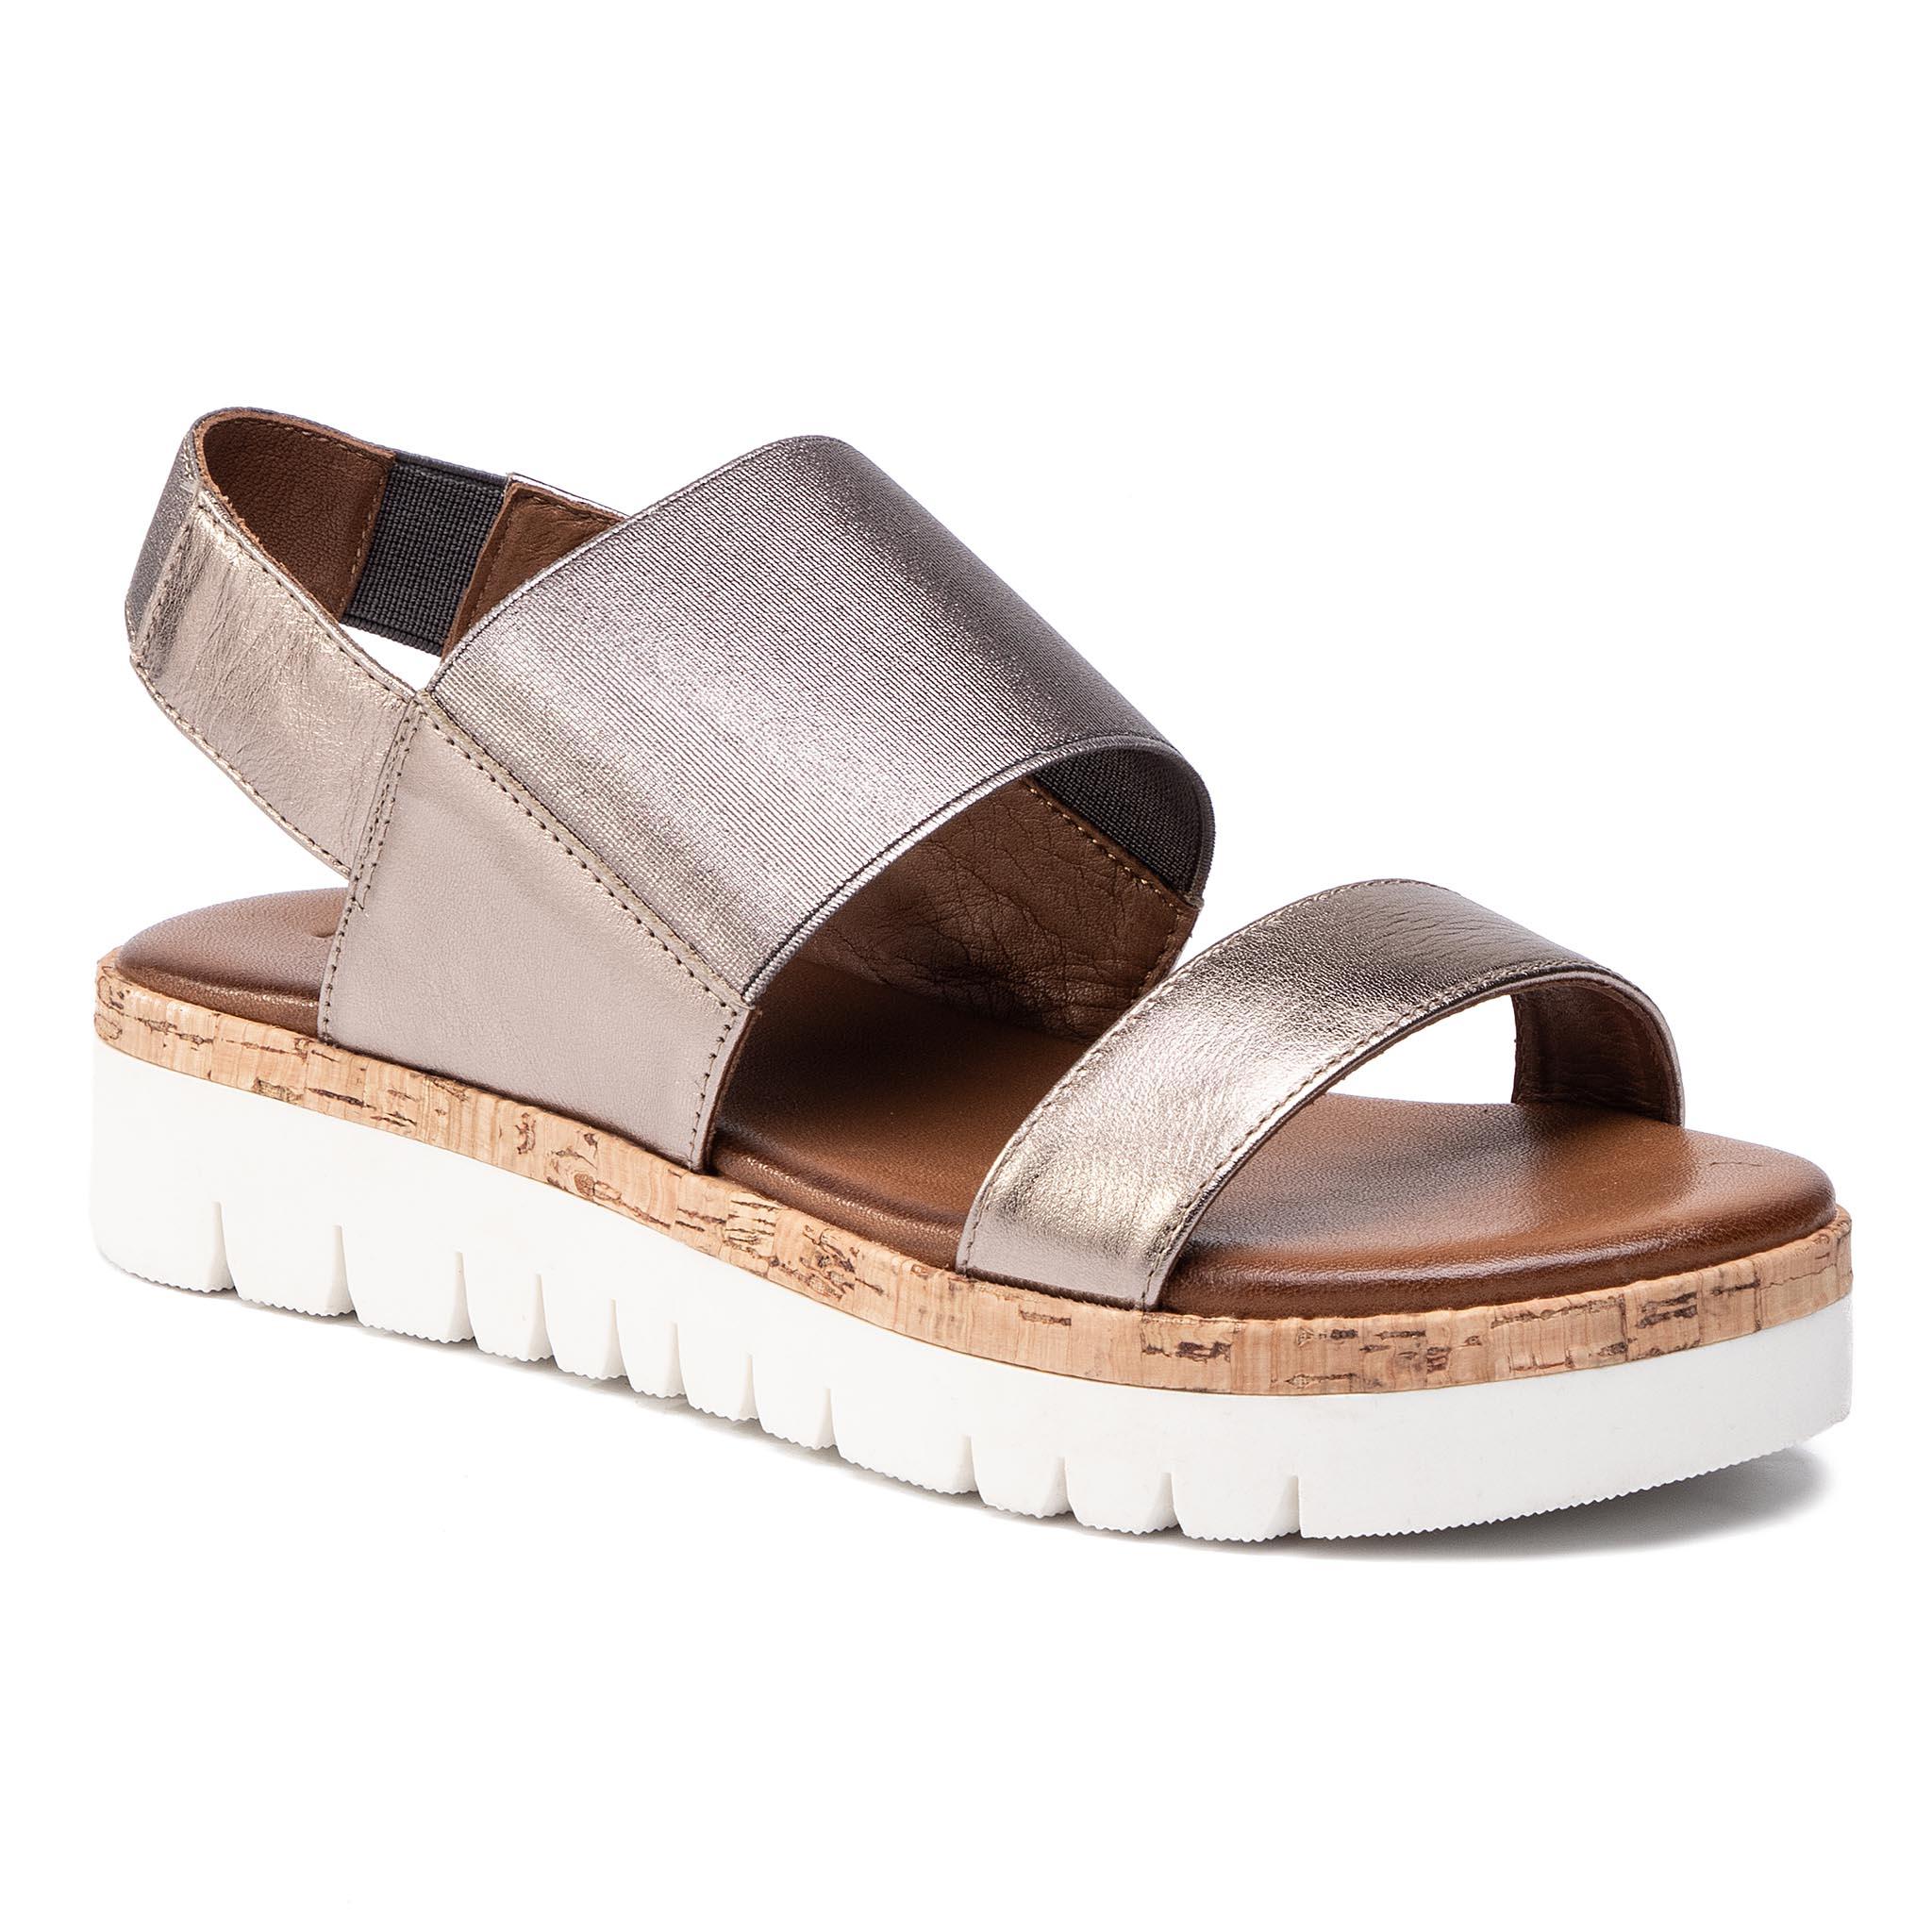 a25f5a82e49cc Women's Shoes – quality women's footwear online – efootwear.eu ...